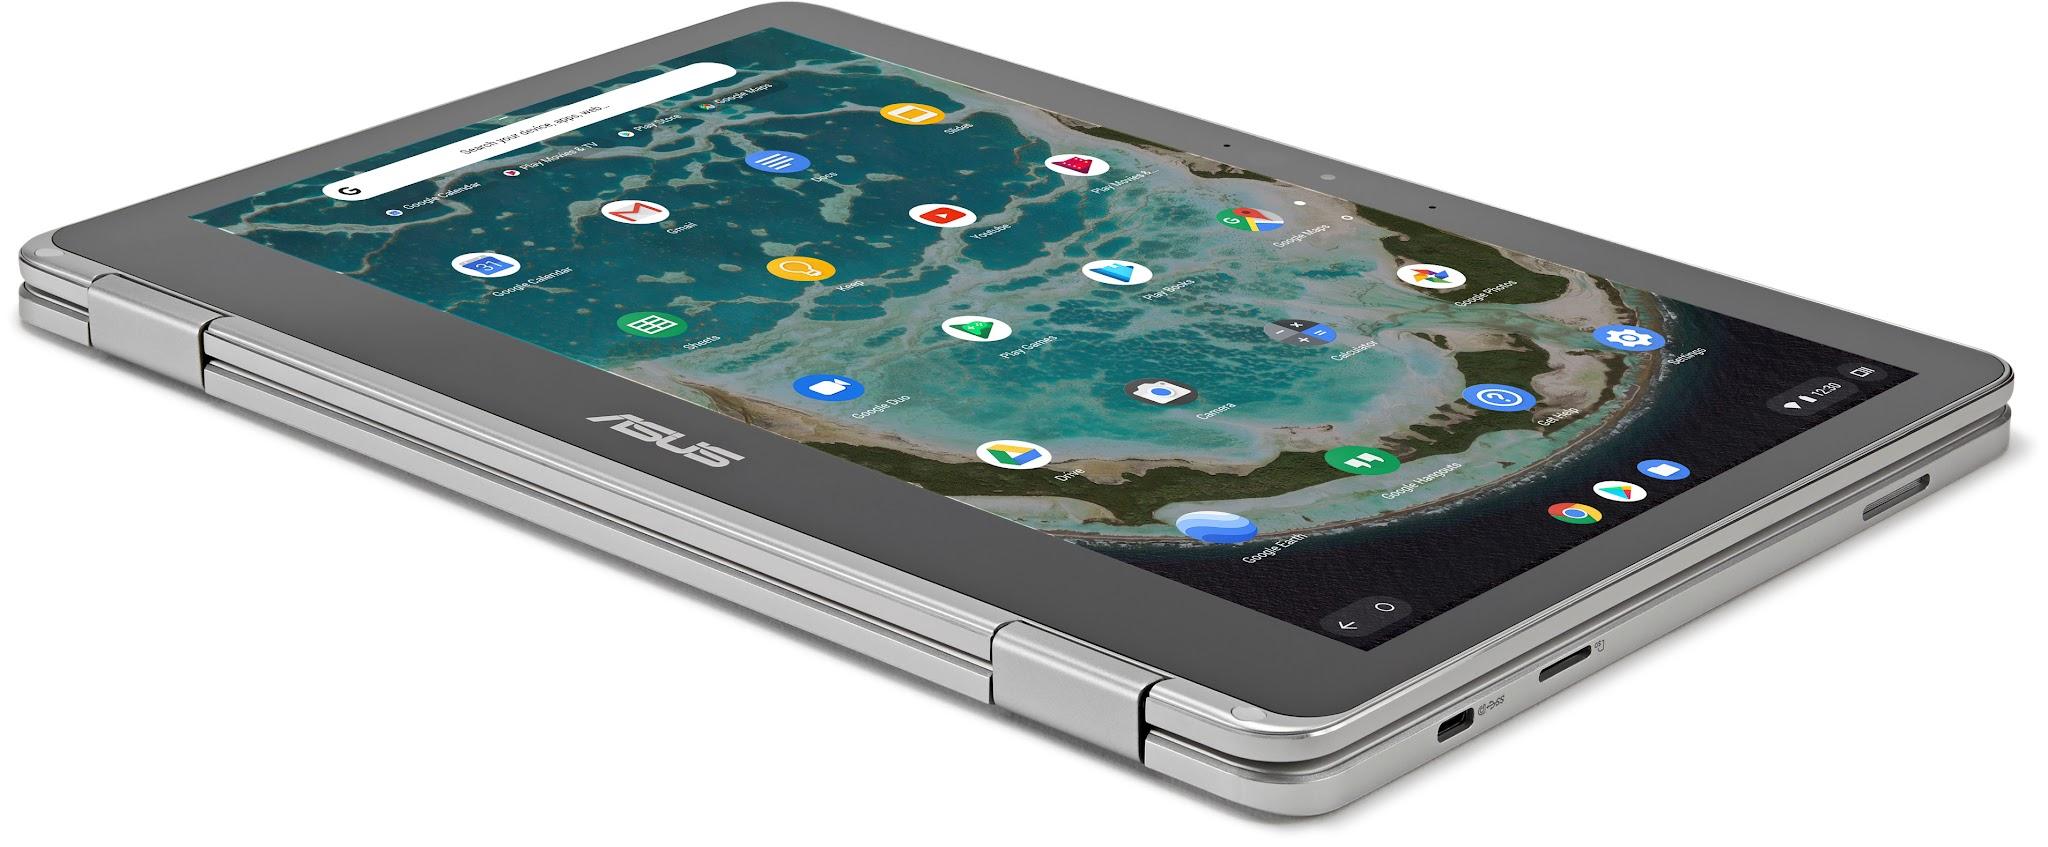 Asus Chromebook Flip C302 - photo 5